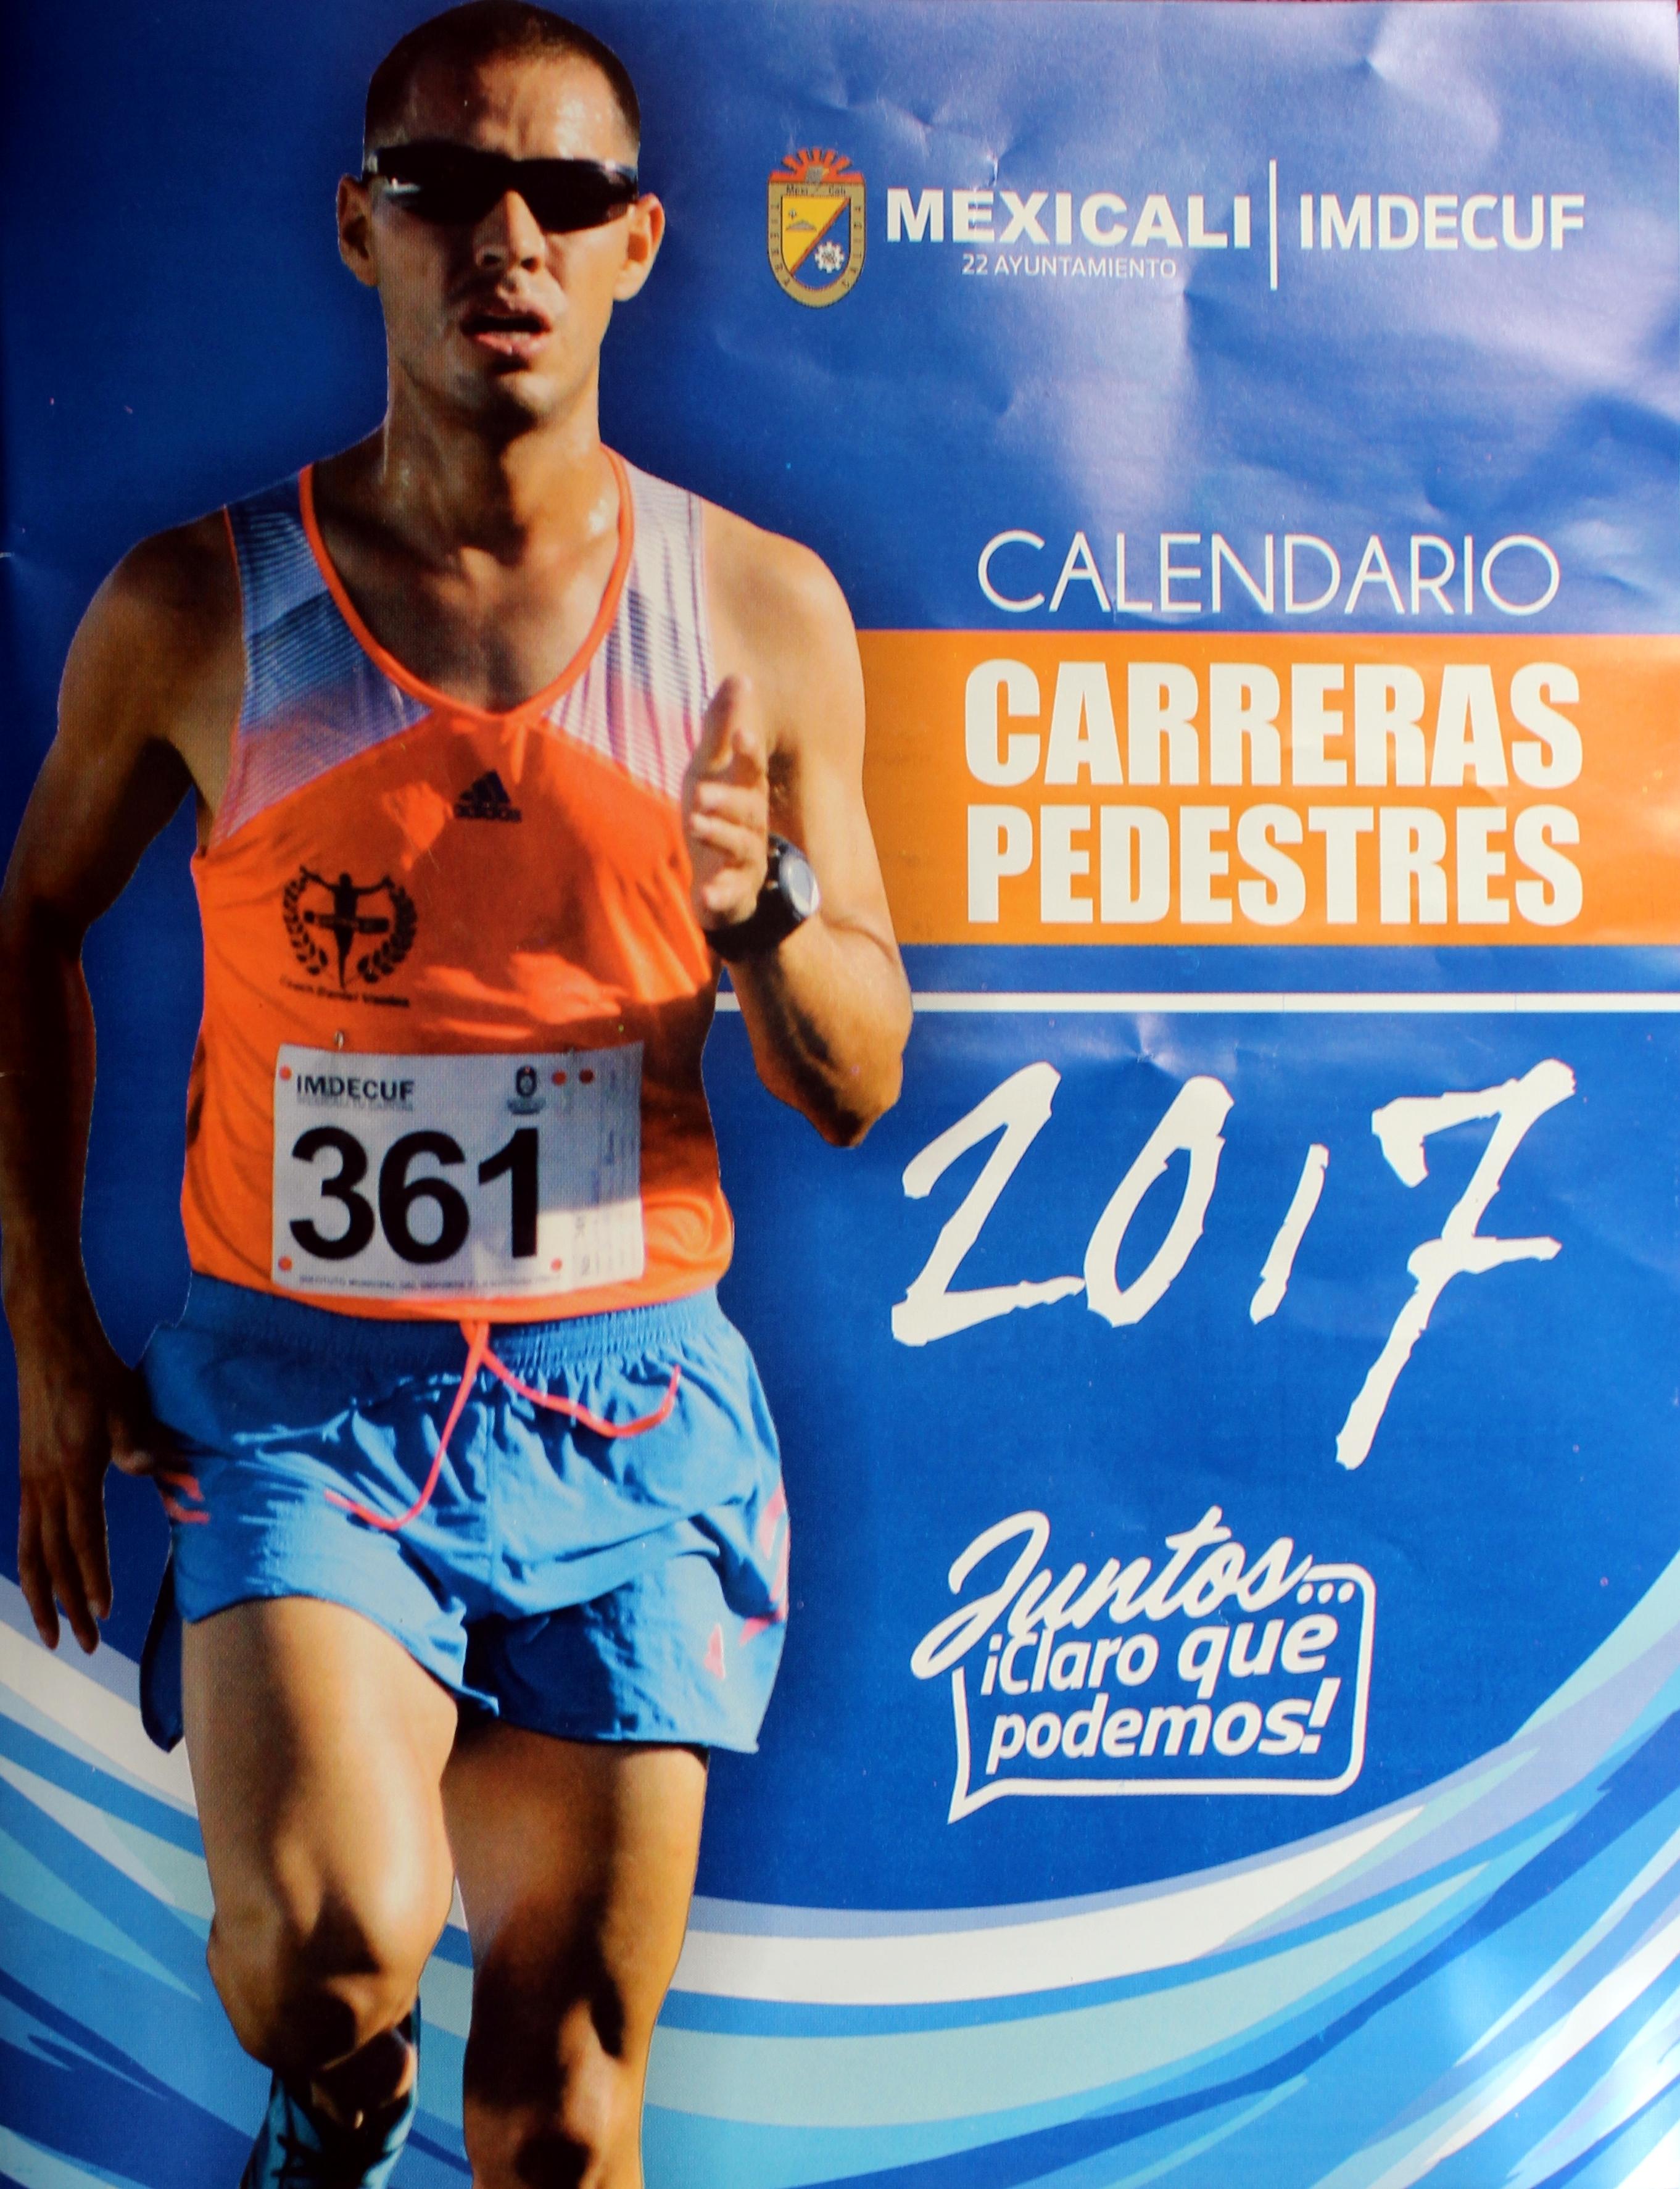 Calendario Carreras Pedestres 2017 Mexicali B C Sudor Cachanilla